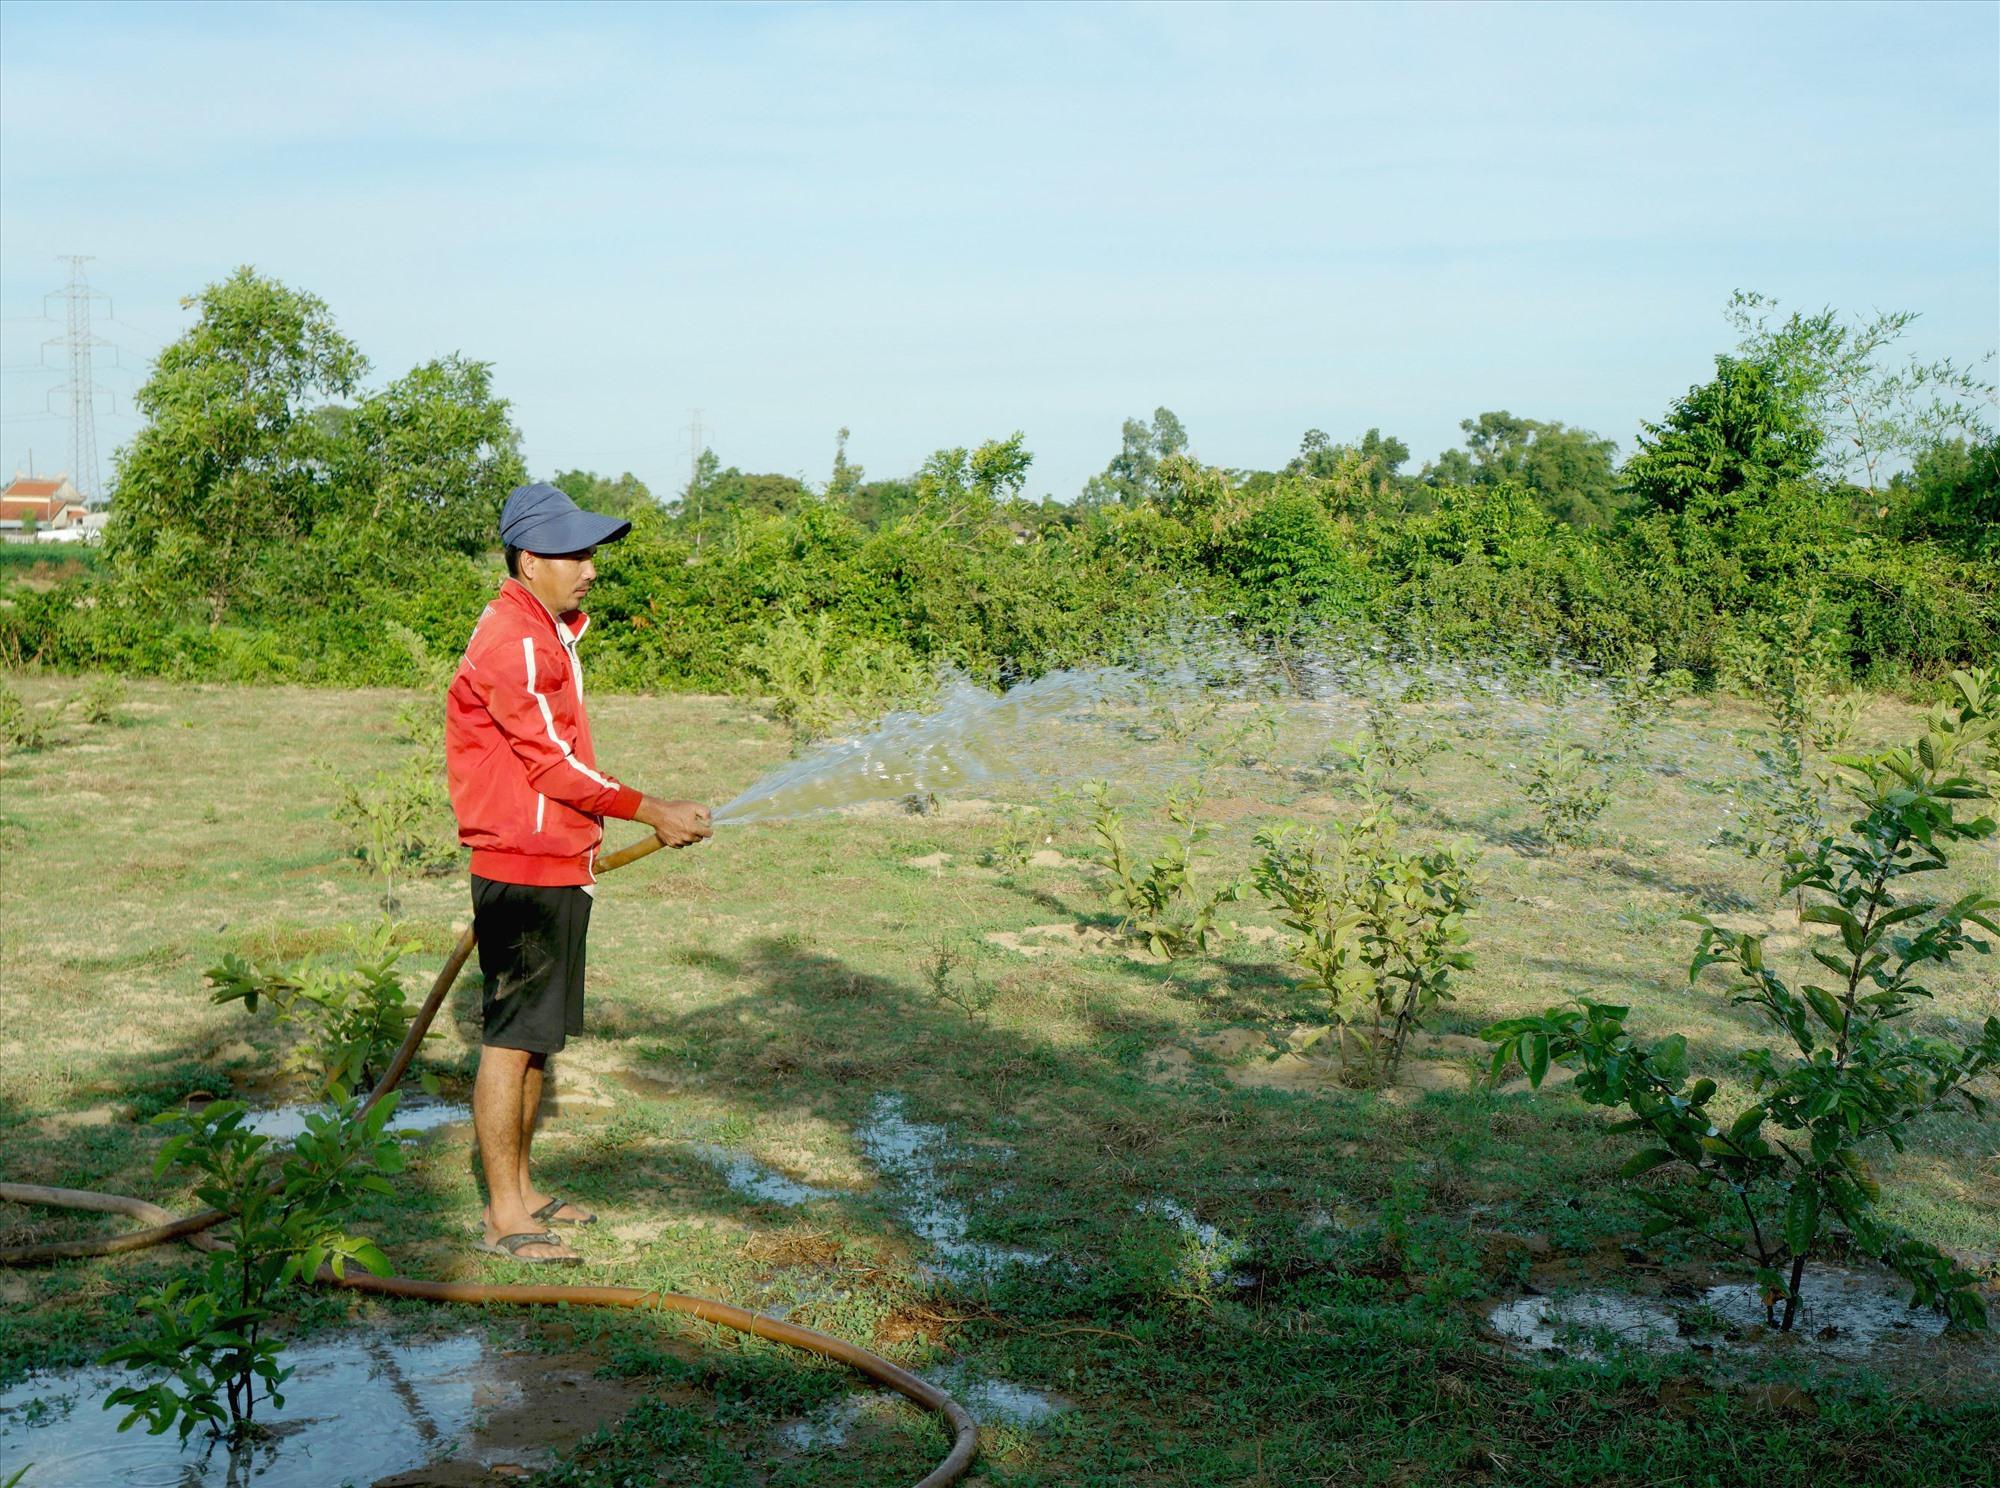 Ông Nguyễn Quốc Oa (thôn Thọ Tân, xã Tam Ngọc) tưới nước cho vườn ổi 5 tháng tuổi. Ảnh: Nguyễn Điện Ngọc